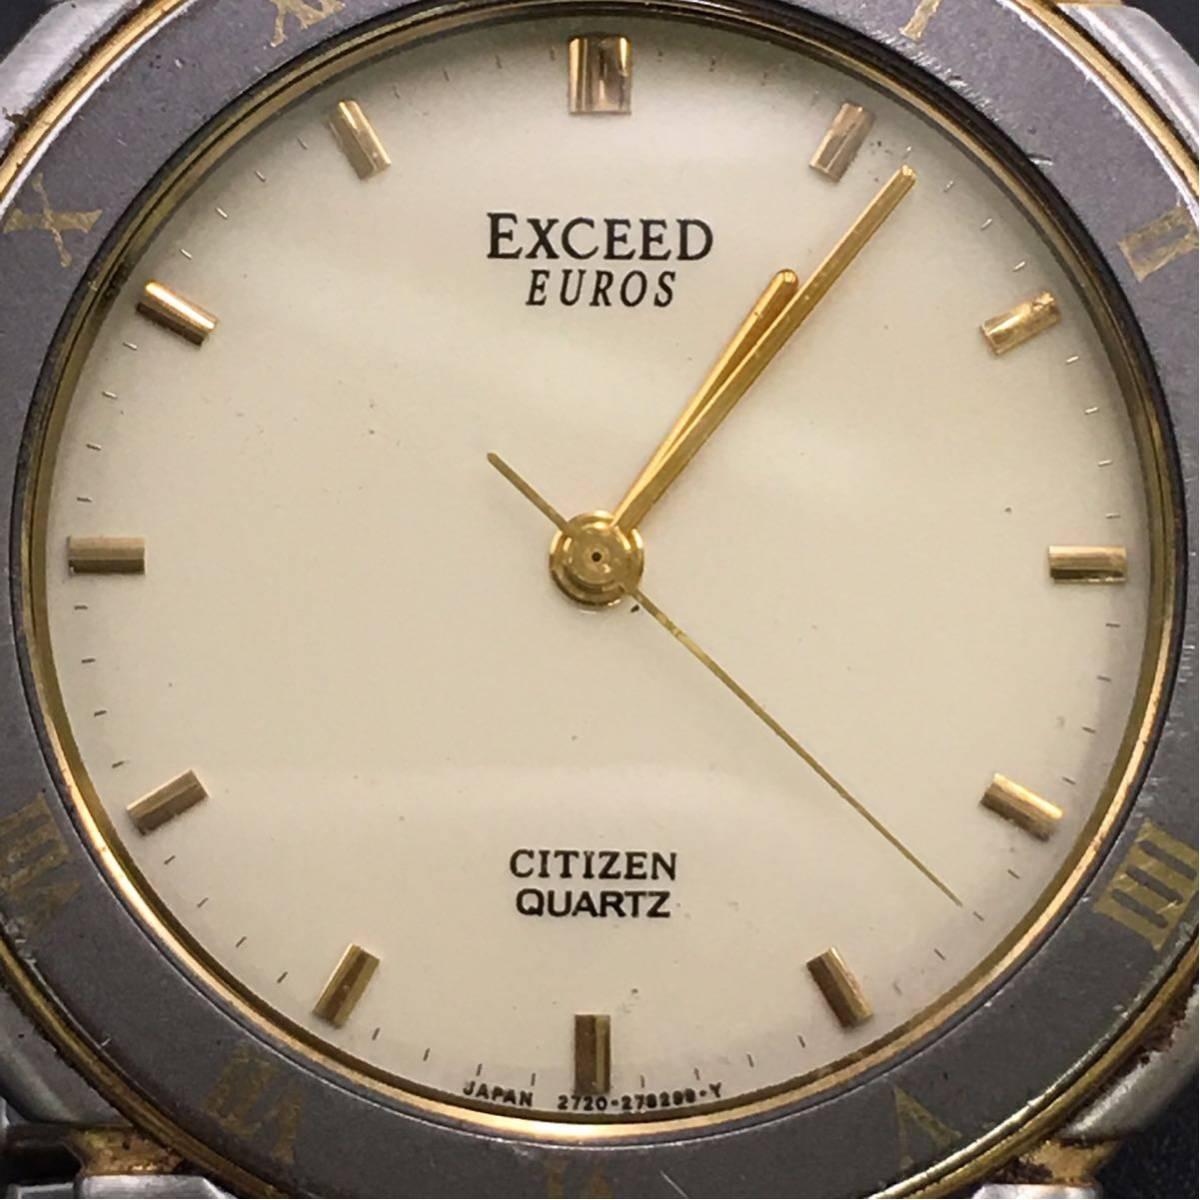 CITIZEN シチズン EXCEED エクシード クォーツ時計 3針 ゴールド&シルバー色 中古 /S158_画像2